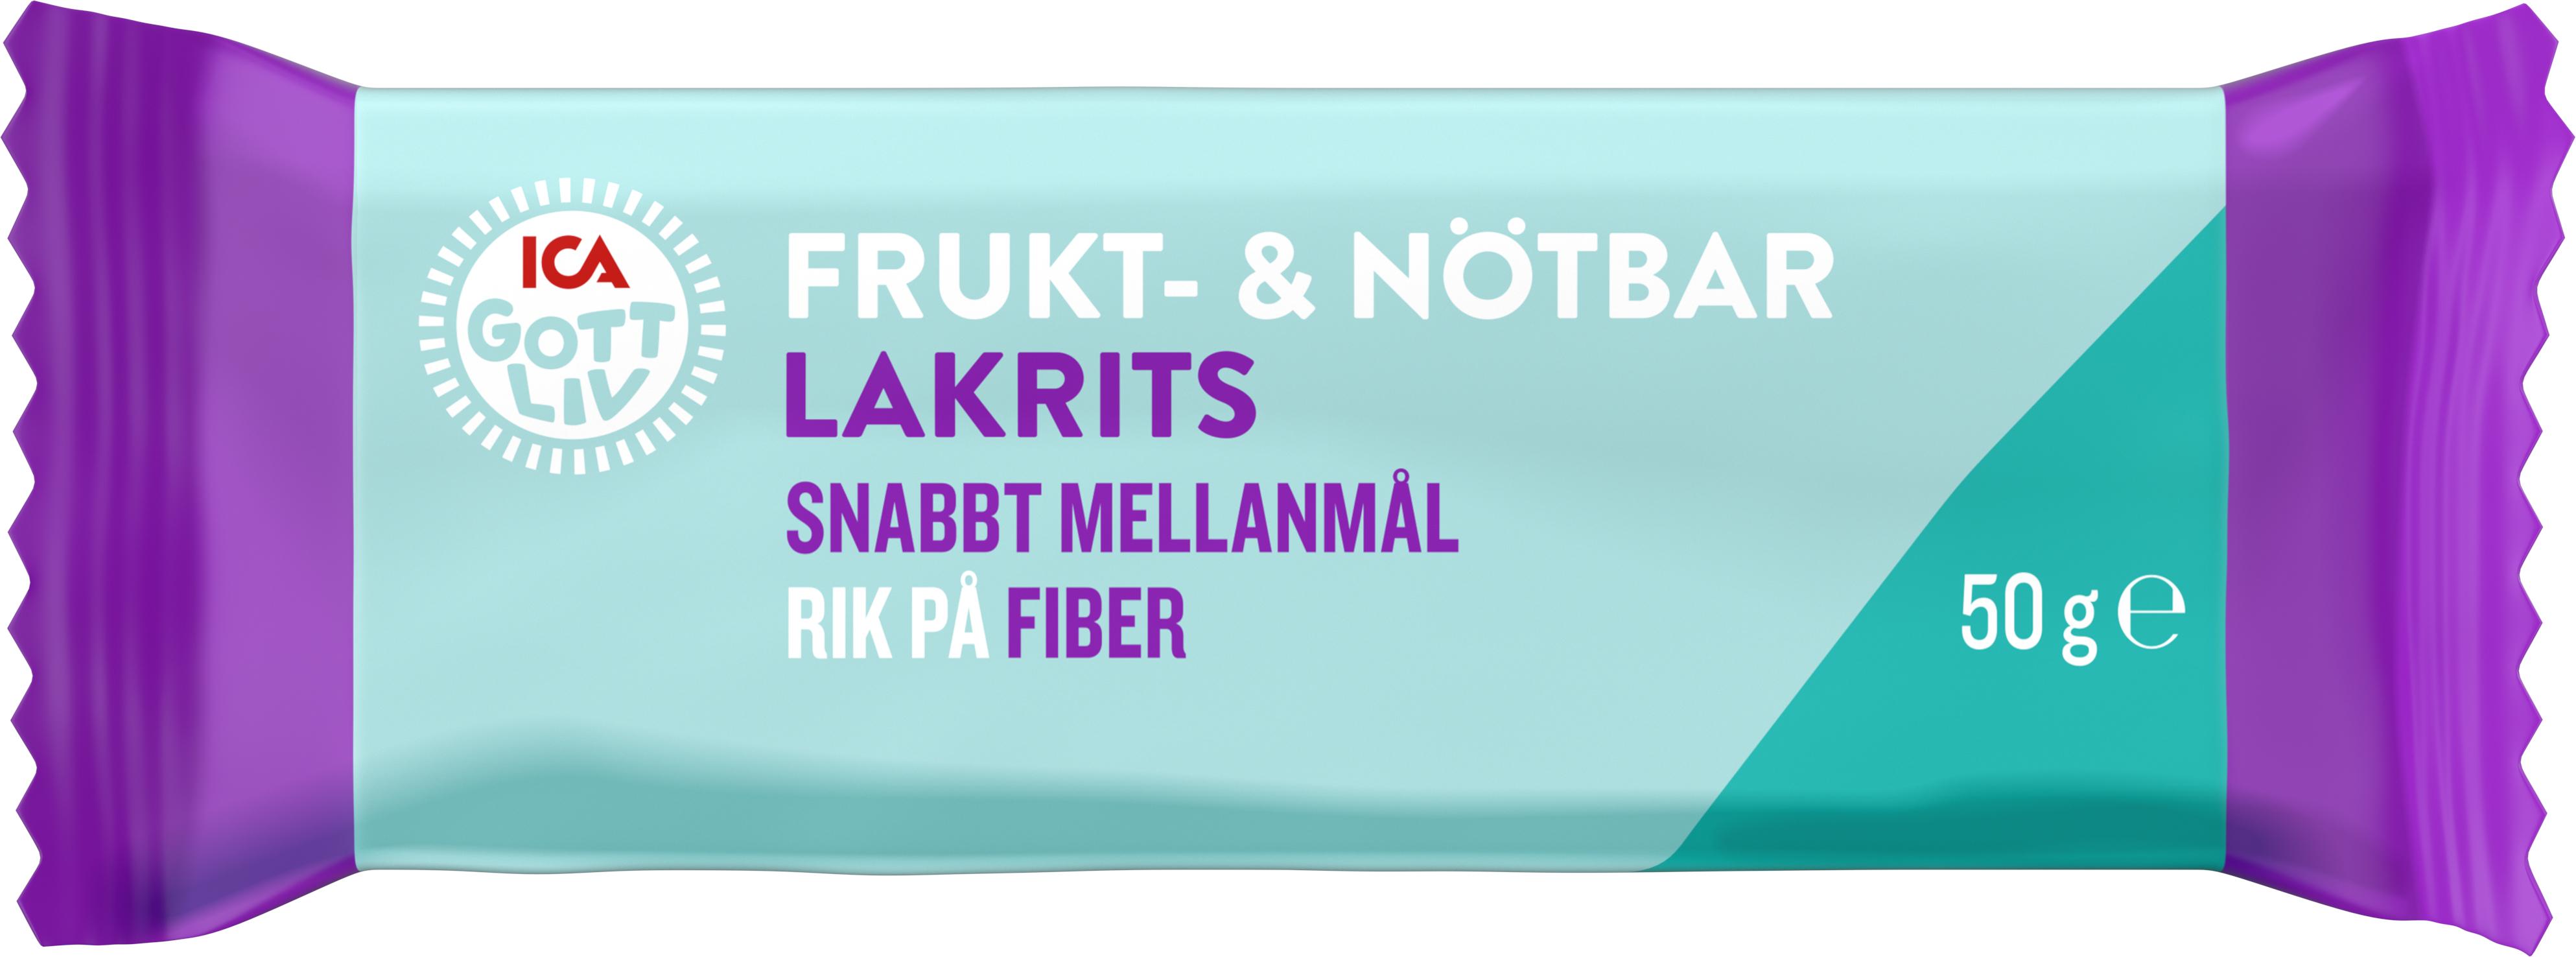 ICA Gott Liv Frukt   Nötbar Lakrits 50 g - Apotek Hjärtat 6662e05d4c355